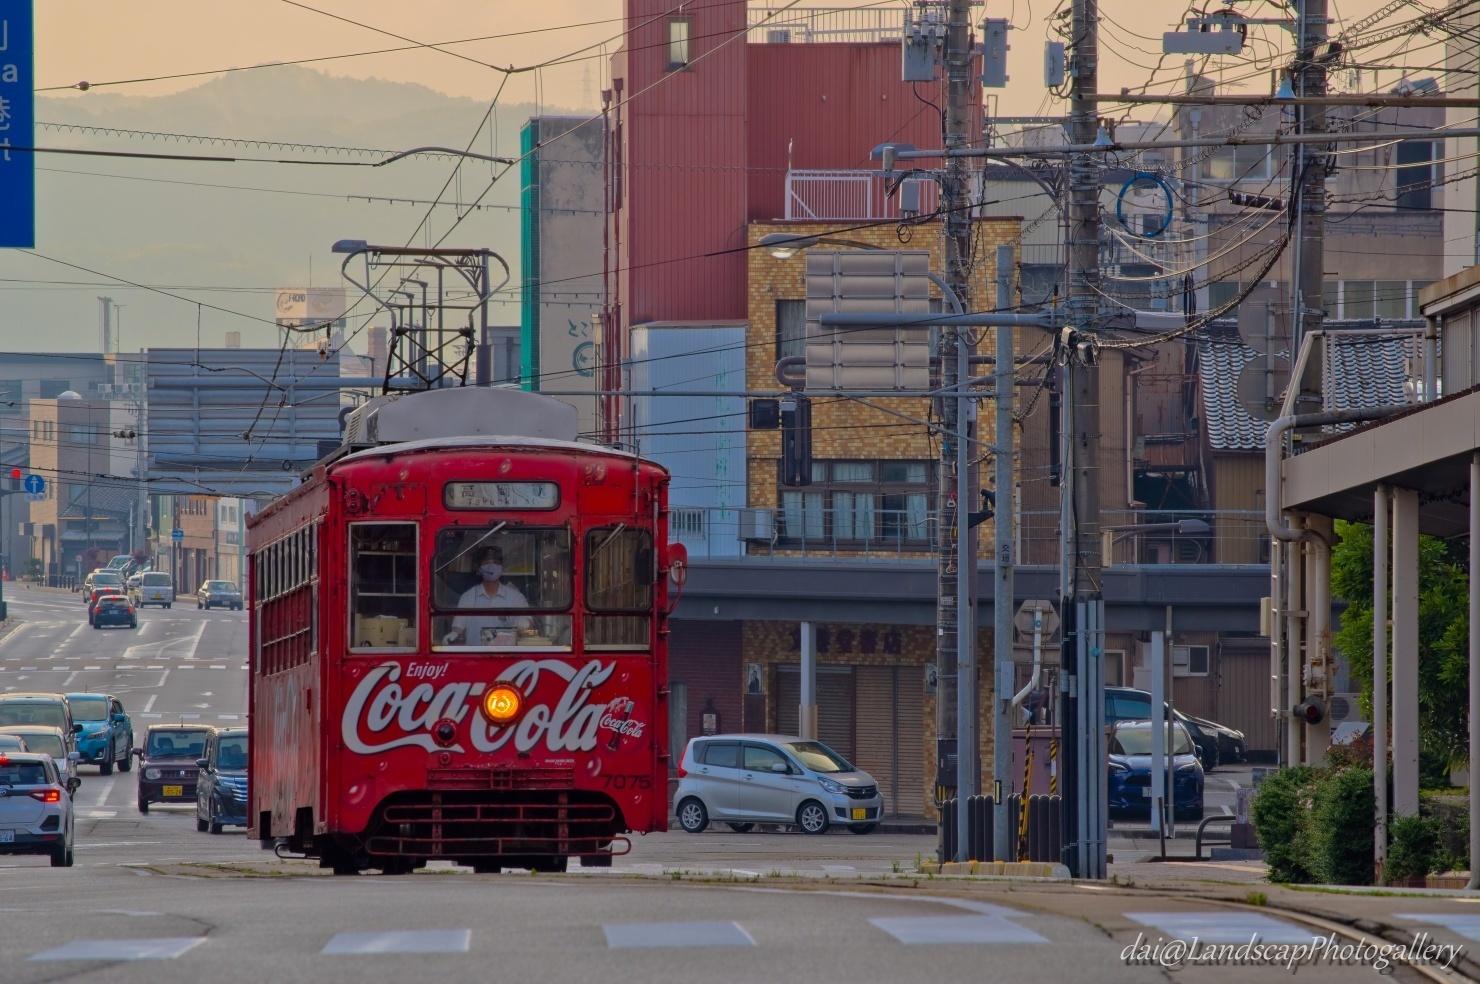 万葉線 コカ・コーラ レトロ電車の走る風景